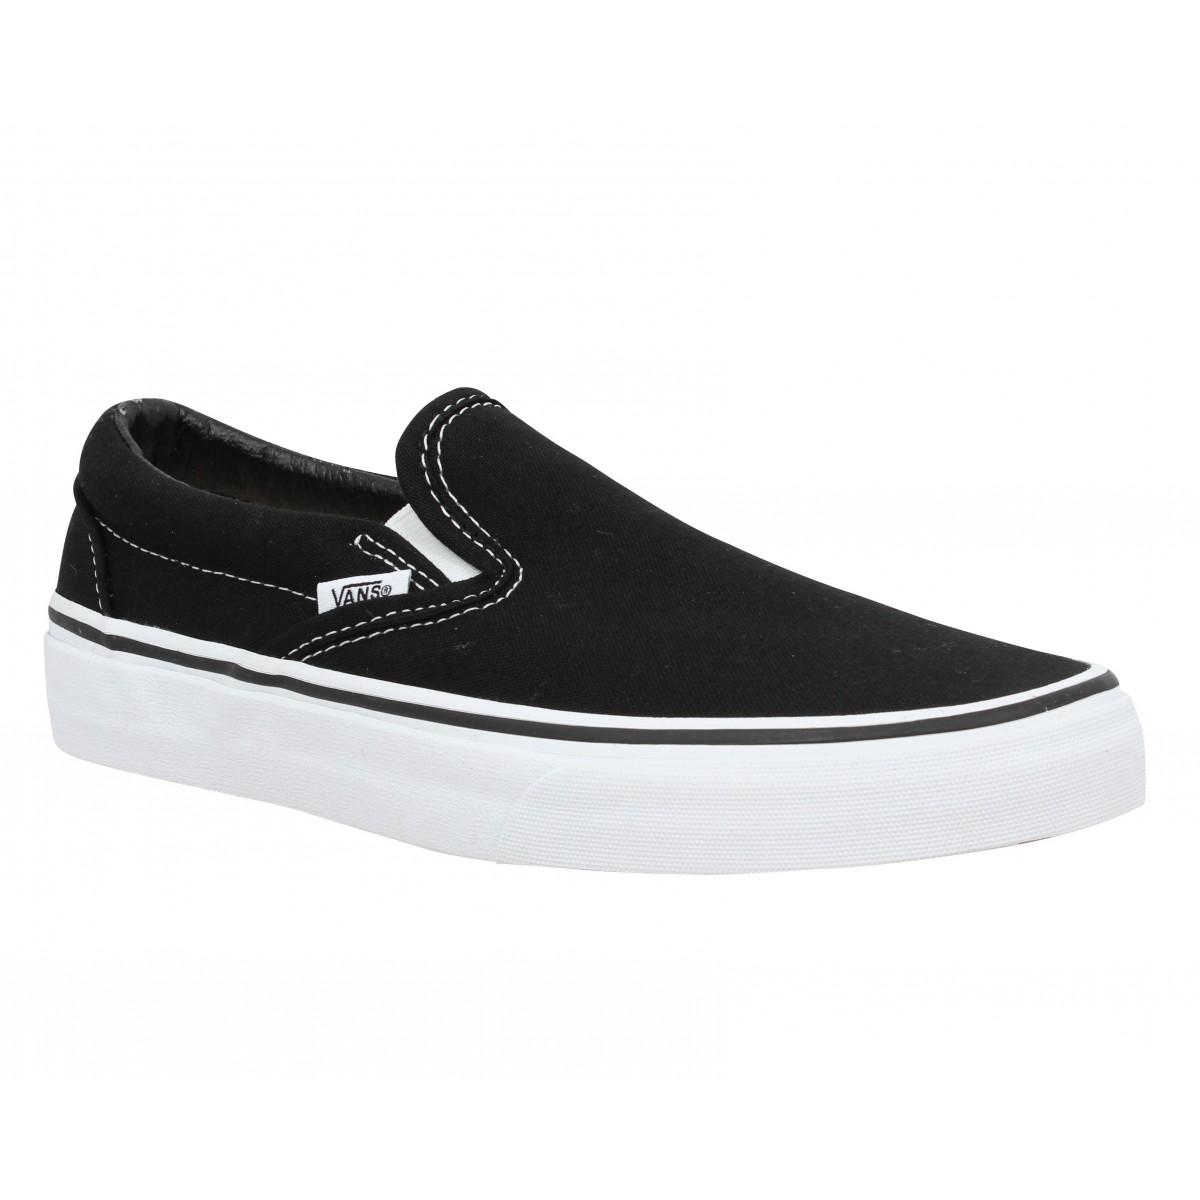 d couvrez les chaussures vans sur le blog de fanny chaussures. Black Bedroom Furniture Sets. Home Design Ideas